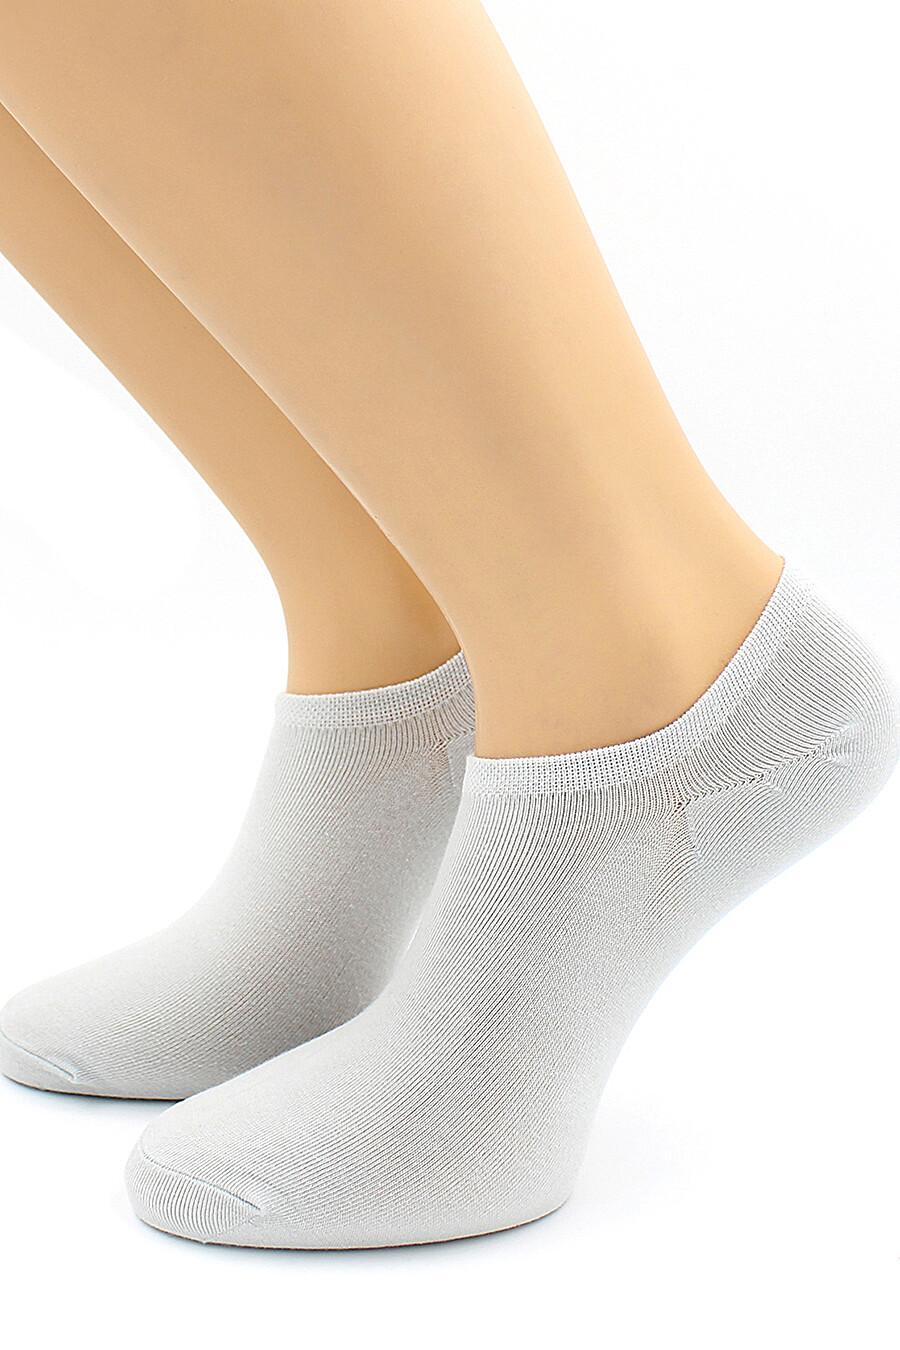 Носки для женщин HOBBY LINE 116373 купить оптом от производителя. Совместная покупка женской одежды в OptMoyo